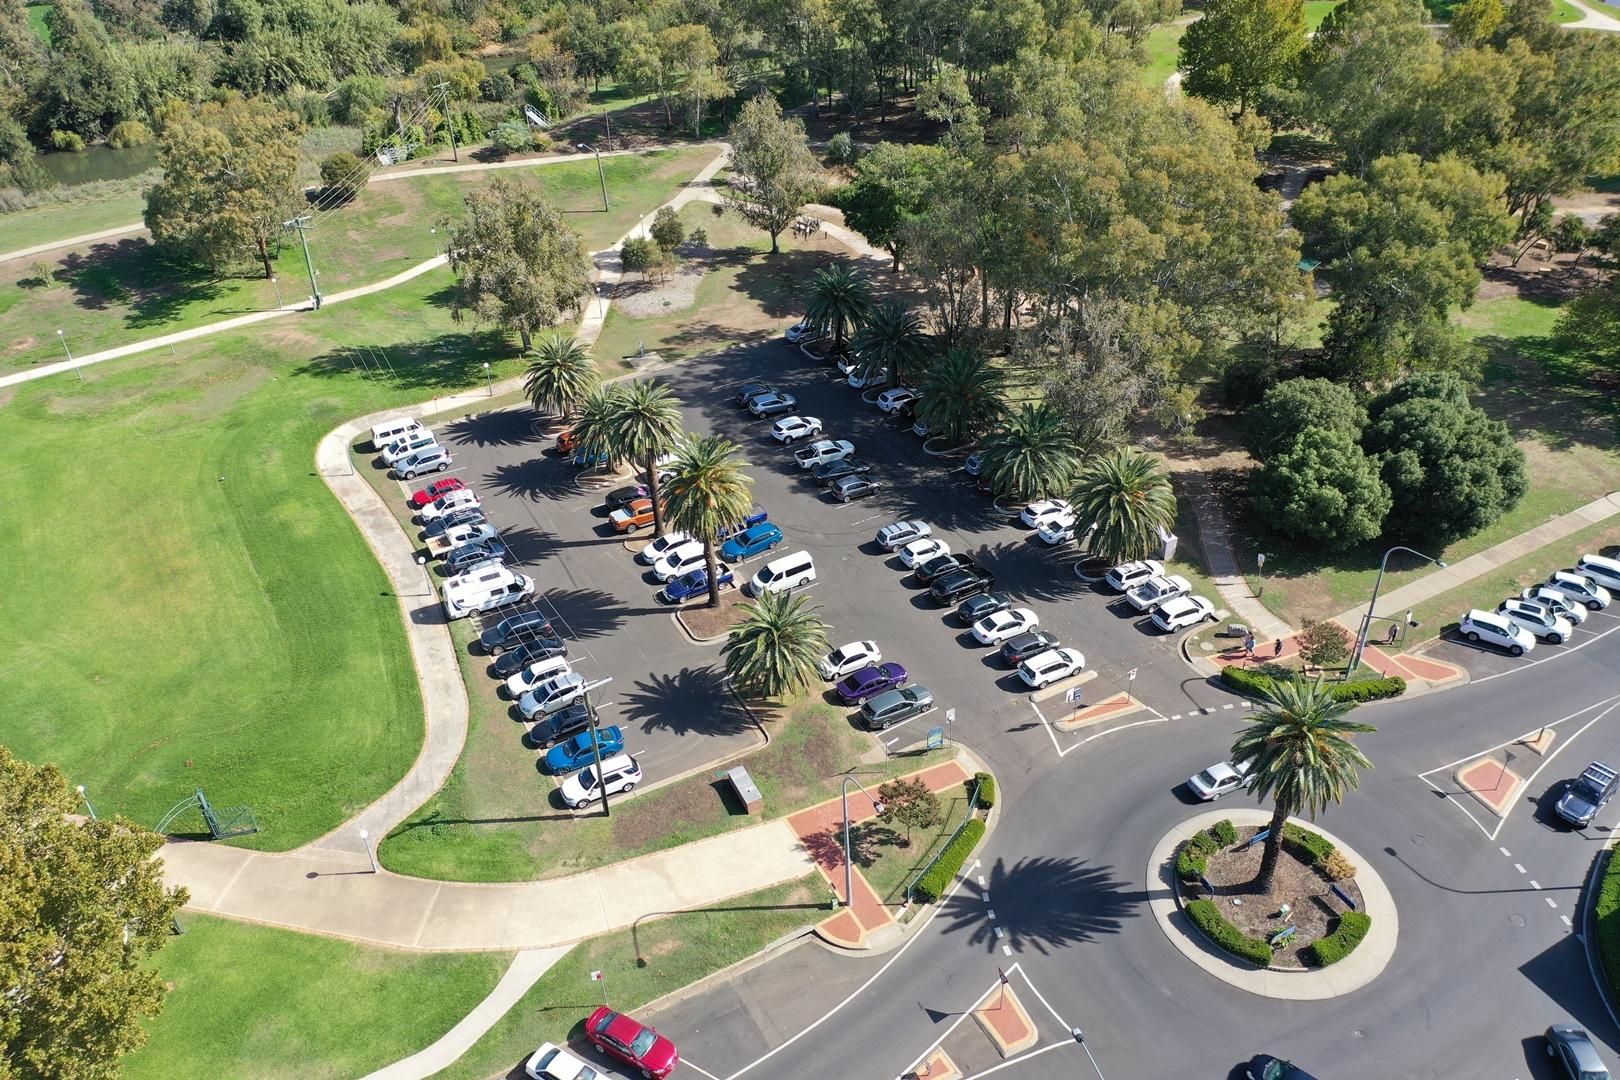 White Street Car Park